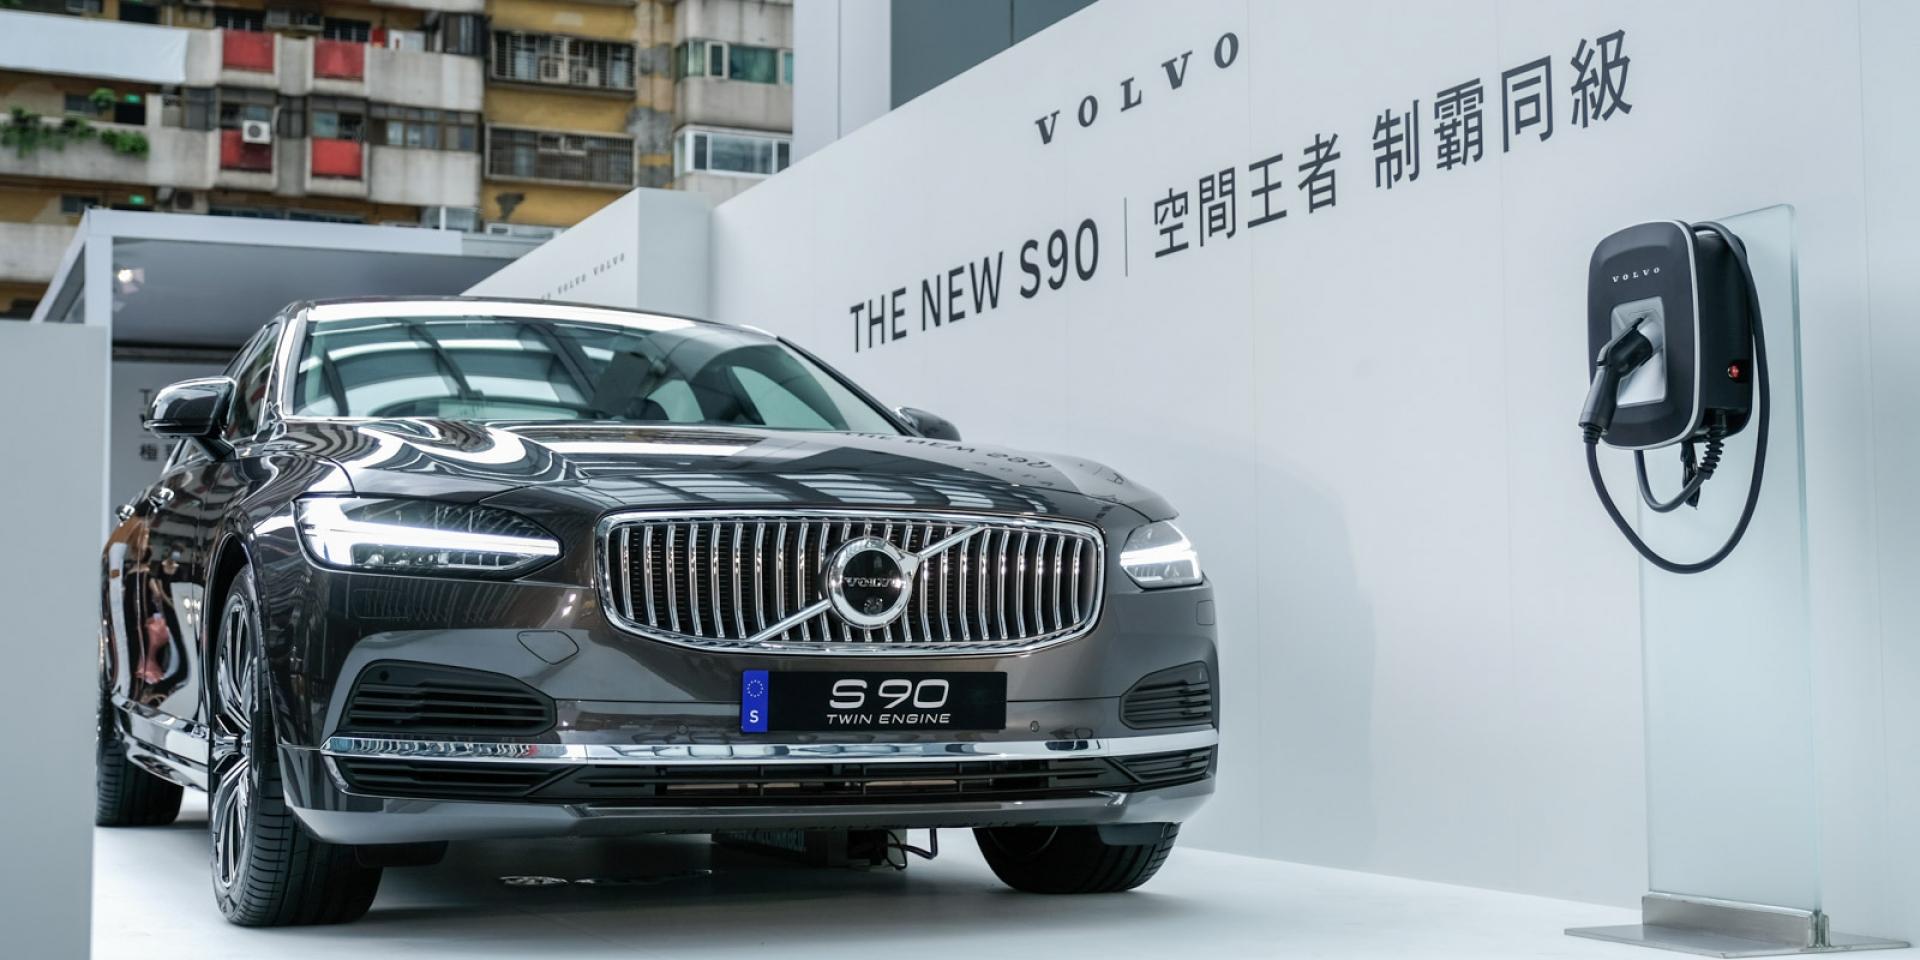 軸距加長12cm 後座頭等艙配備The New Volvo S90台灣上市 專屬活動信義區限時體驗